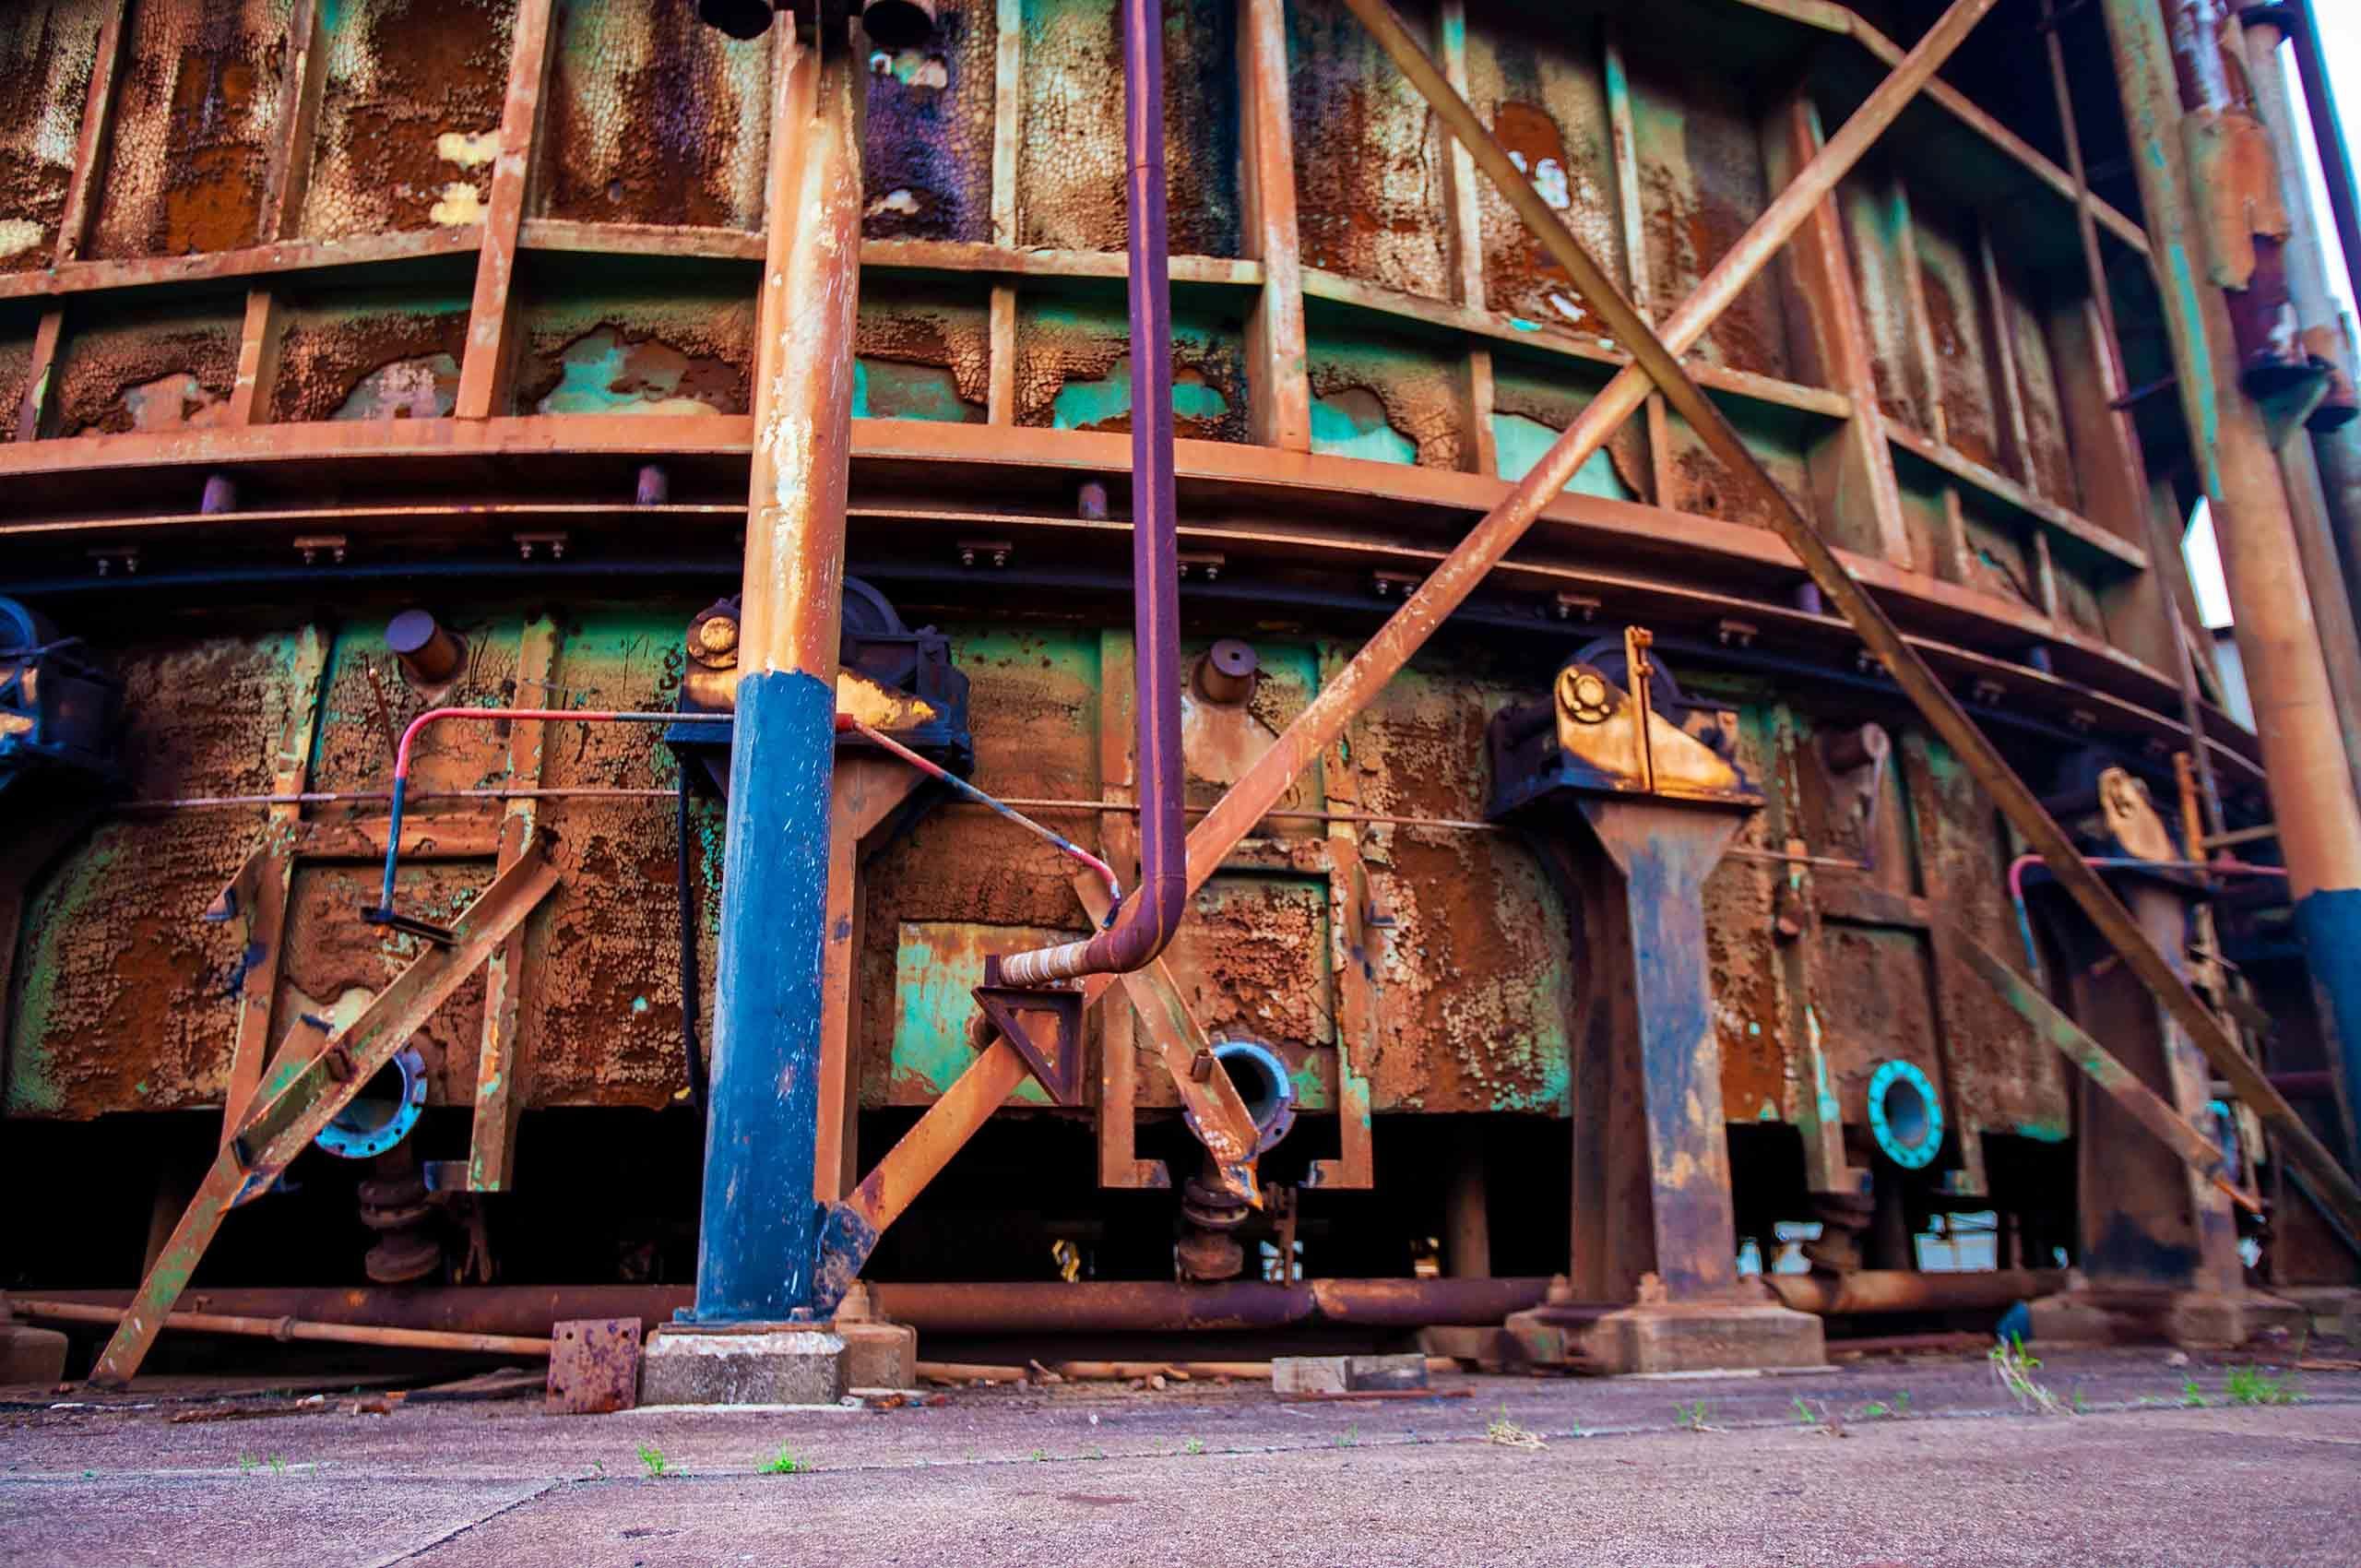 Old abandoned sugar refinery in Maui Hawaii Baldwin AVENUE rusty industrial